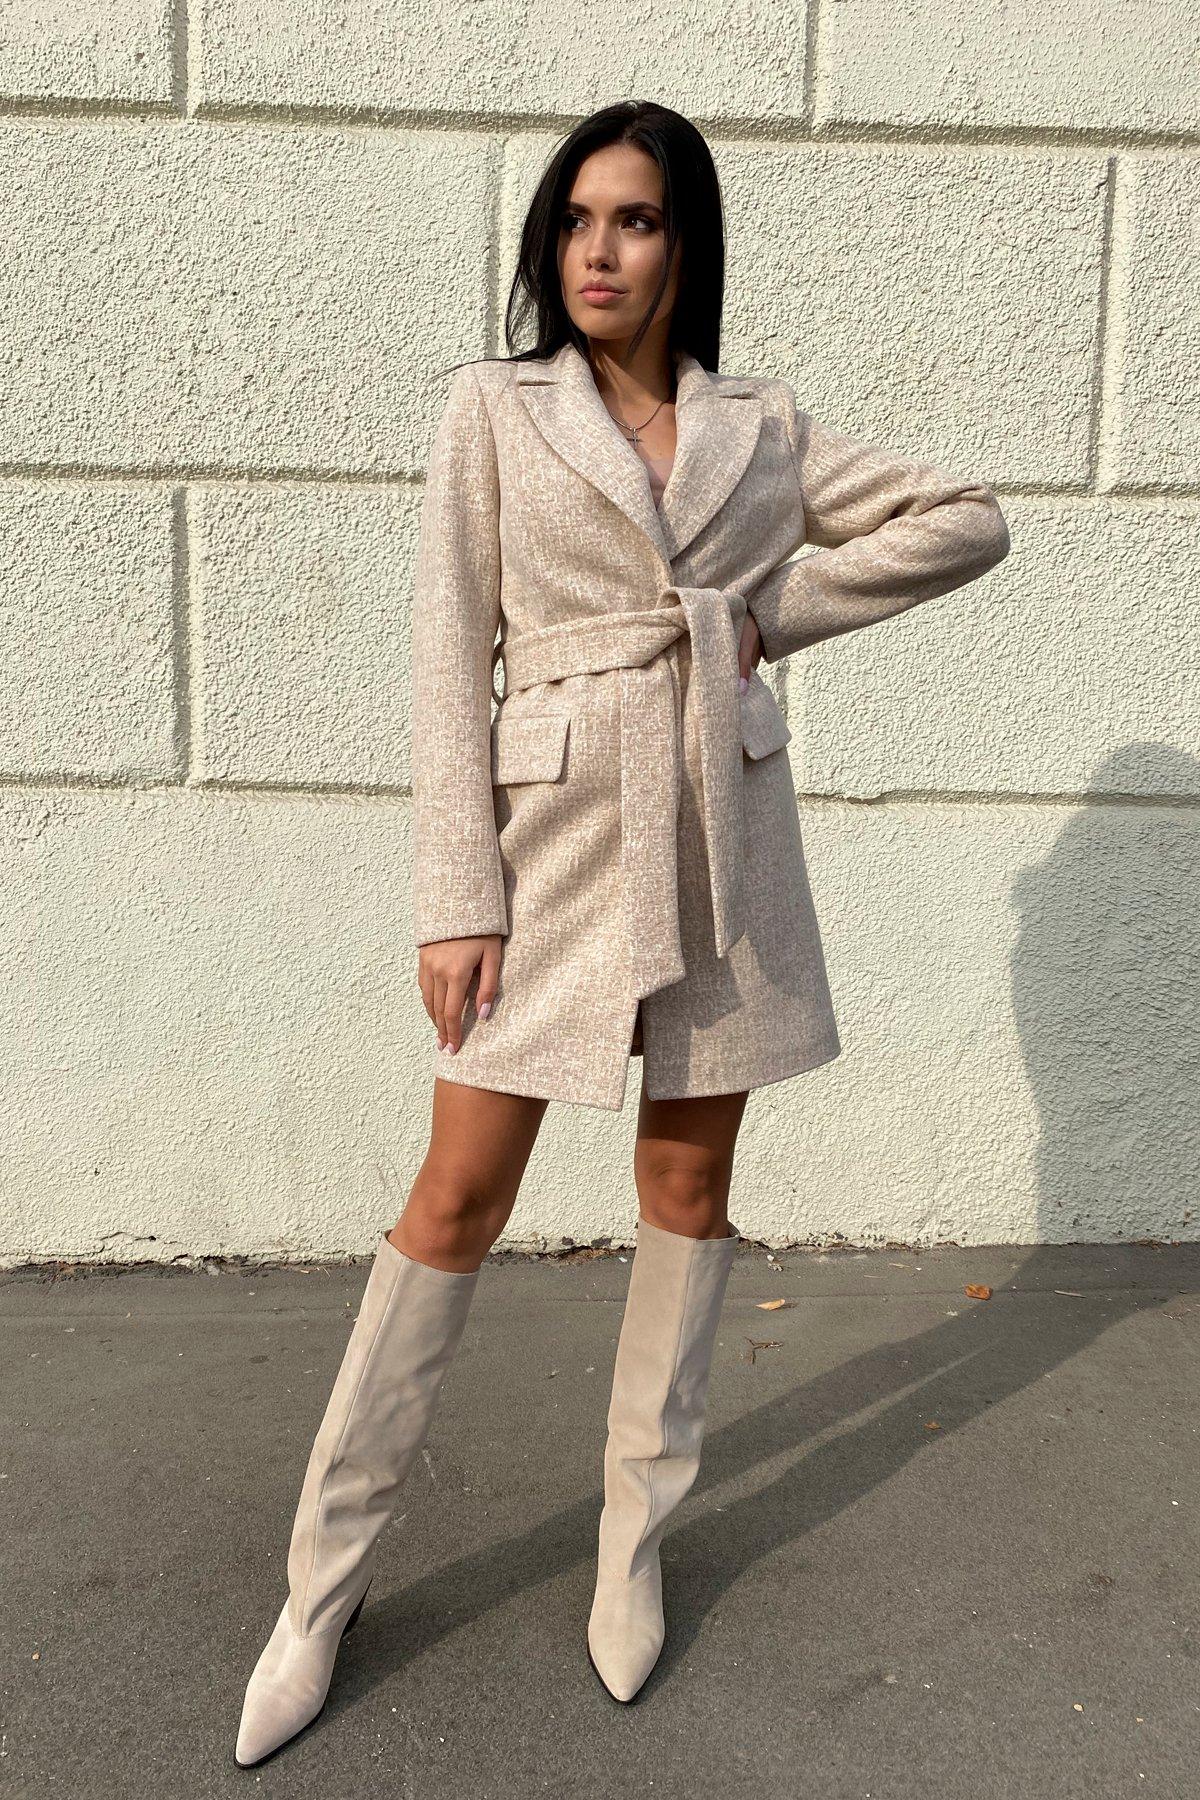 Модные женские пальто от Modus Корси кашемир меланж на трикотаже текстурный пальто 9878